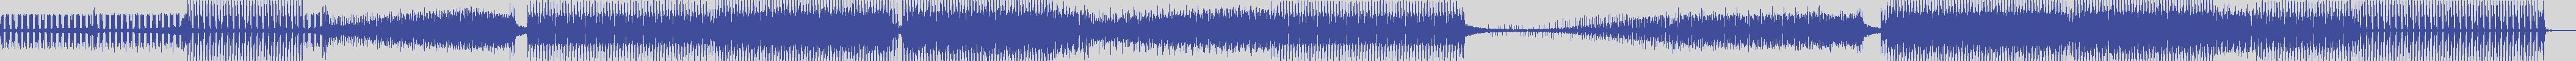 just_digital_records [JS1299] Tony Rollo - Vogue [Original Mix] audio wave form